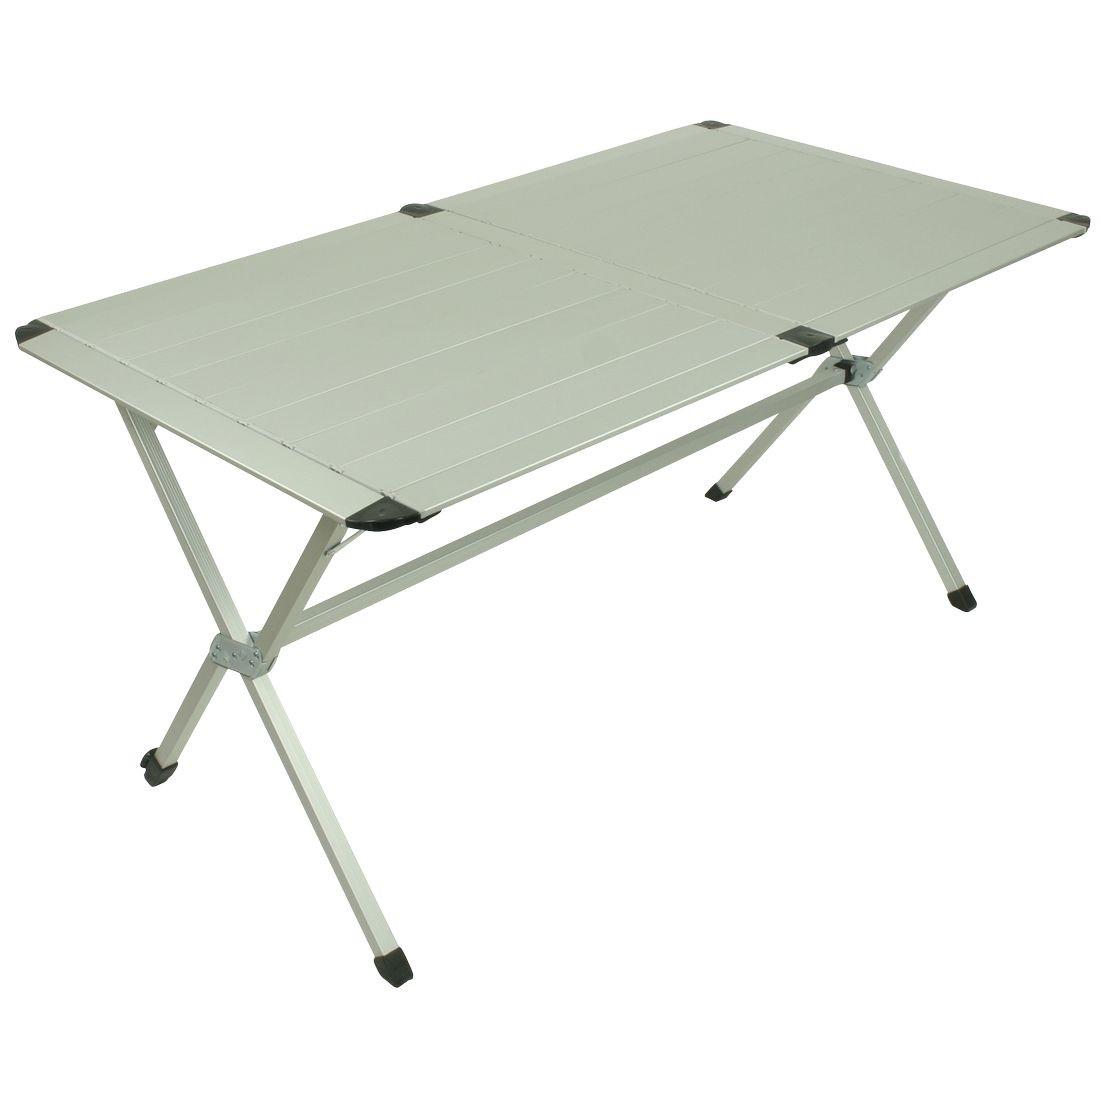 Achetez 10t alutab trio table de camping 6 personnes 140 for Table 16 personnes